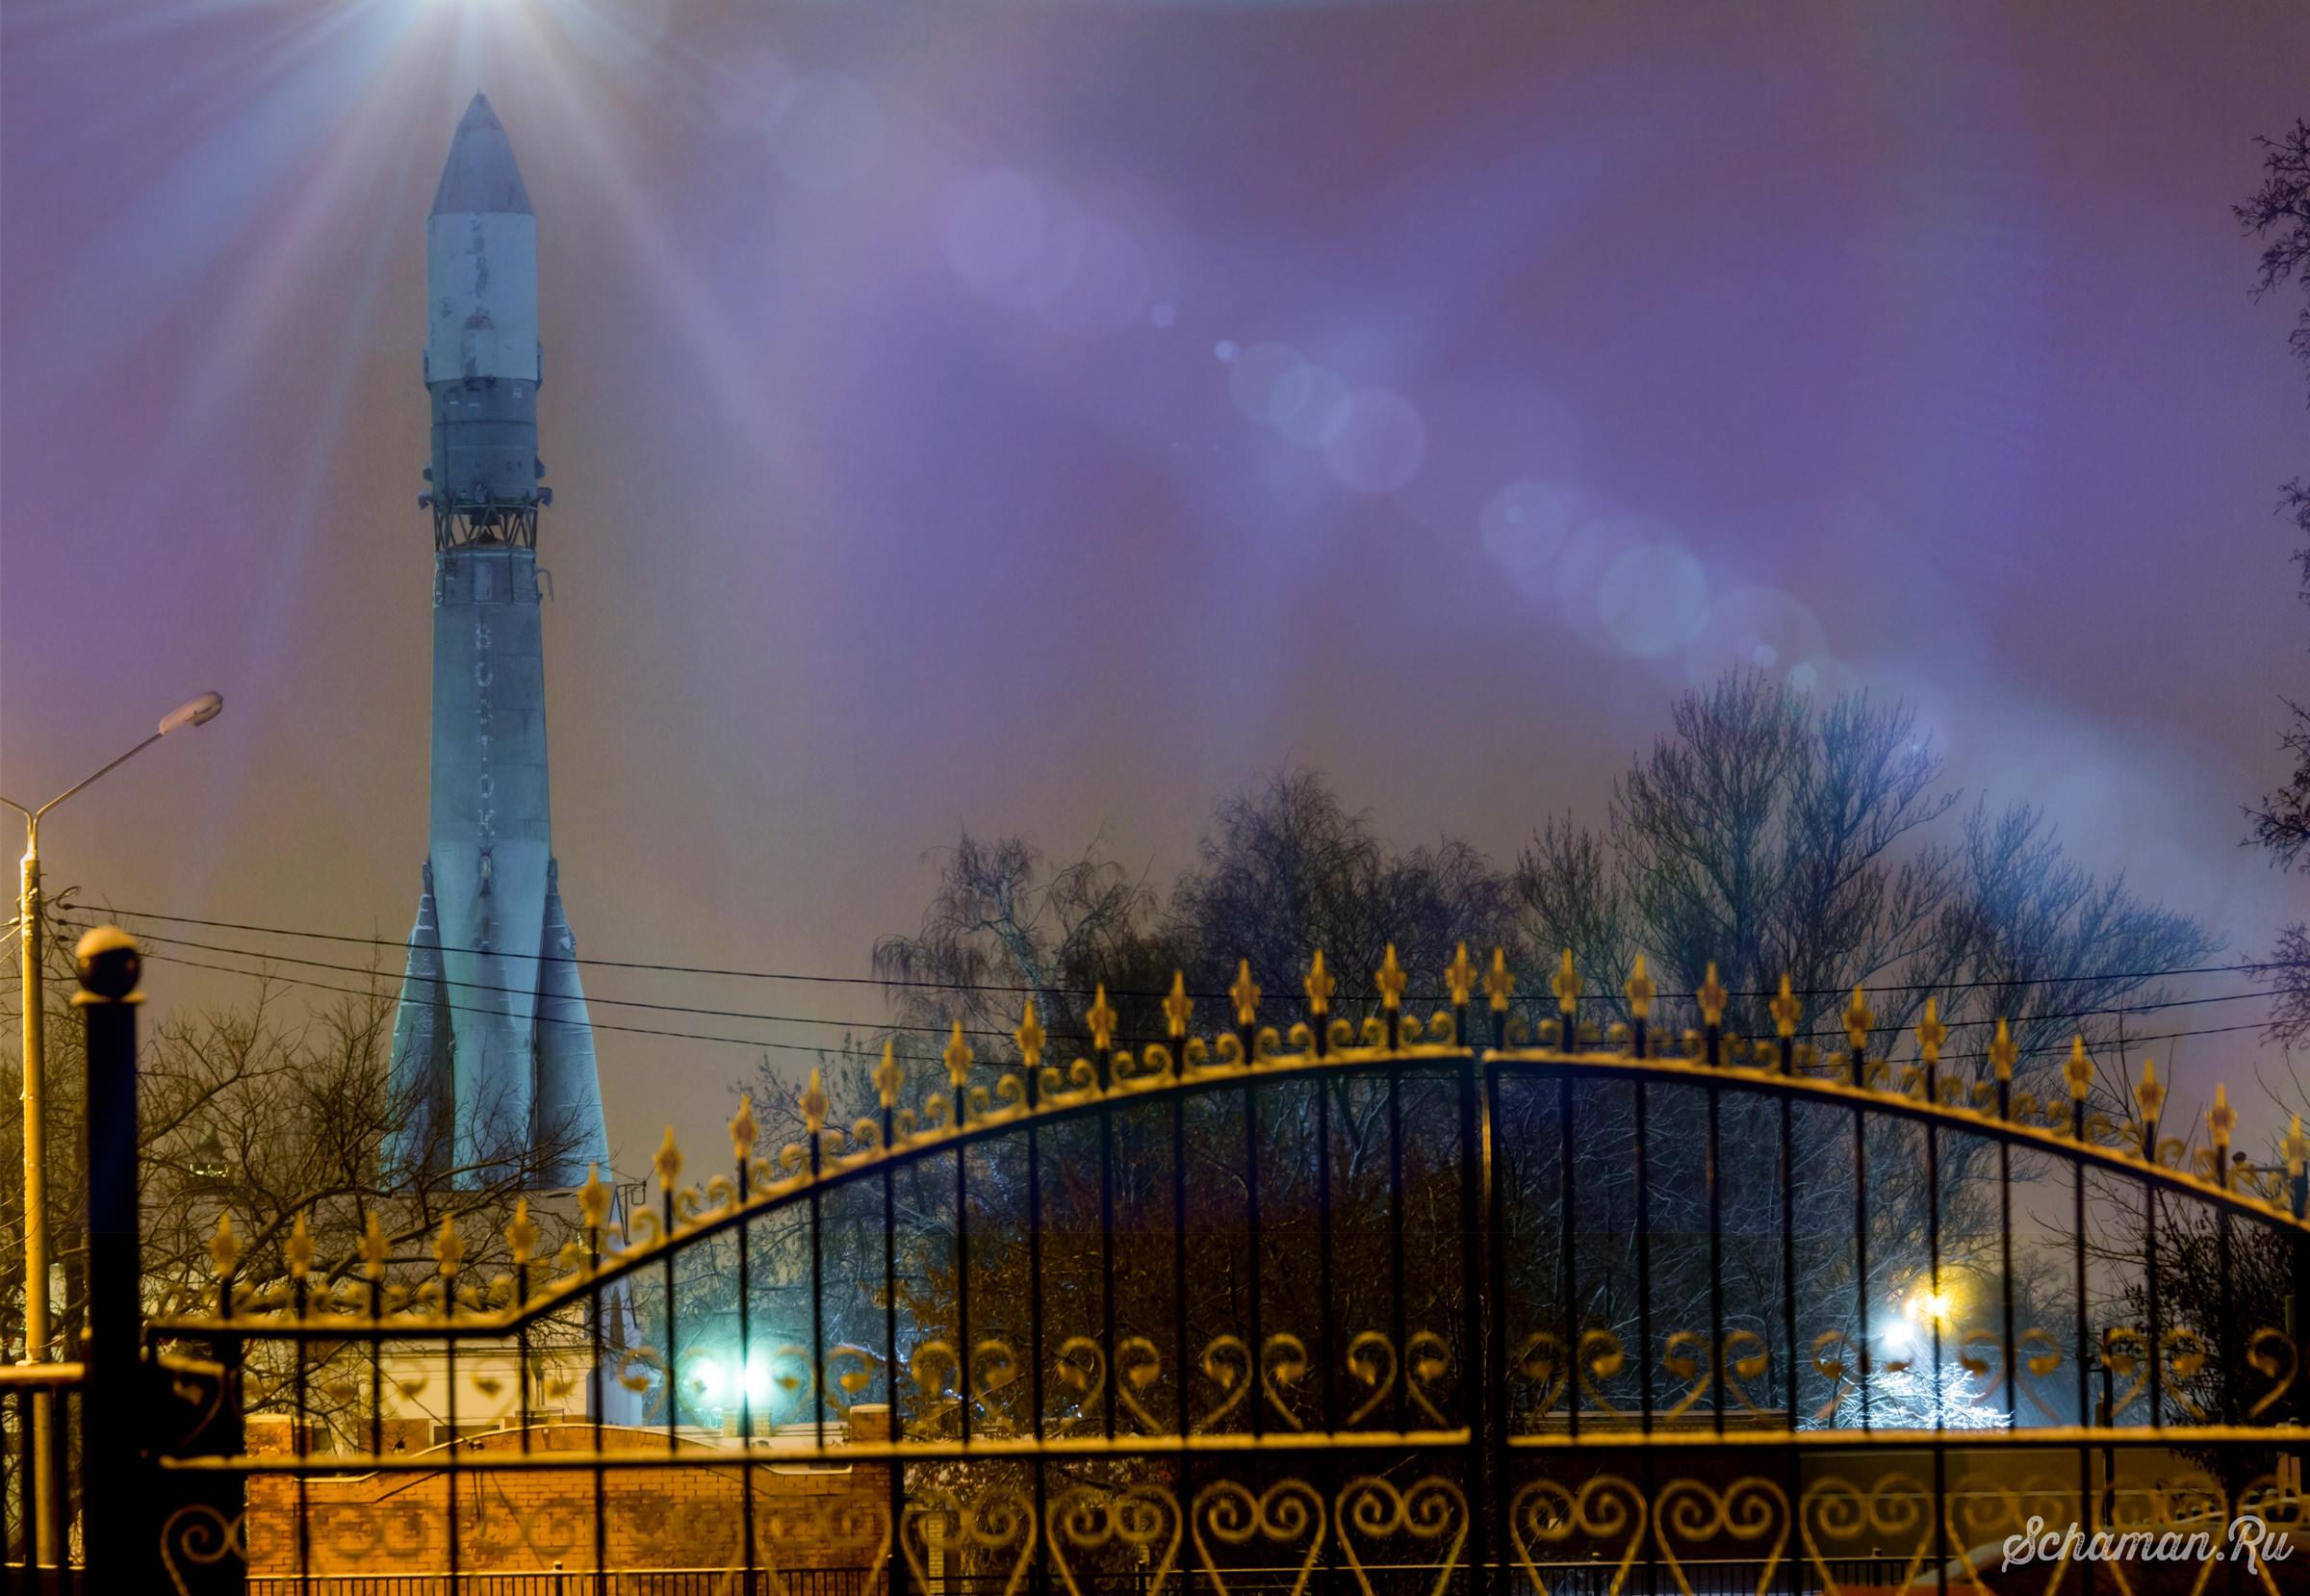 """Ракета-носитель """"Восток"""" на территории РКК """"Энергия"""""""